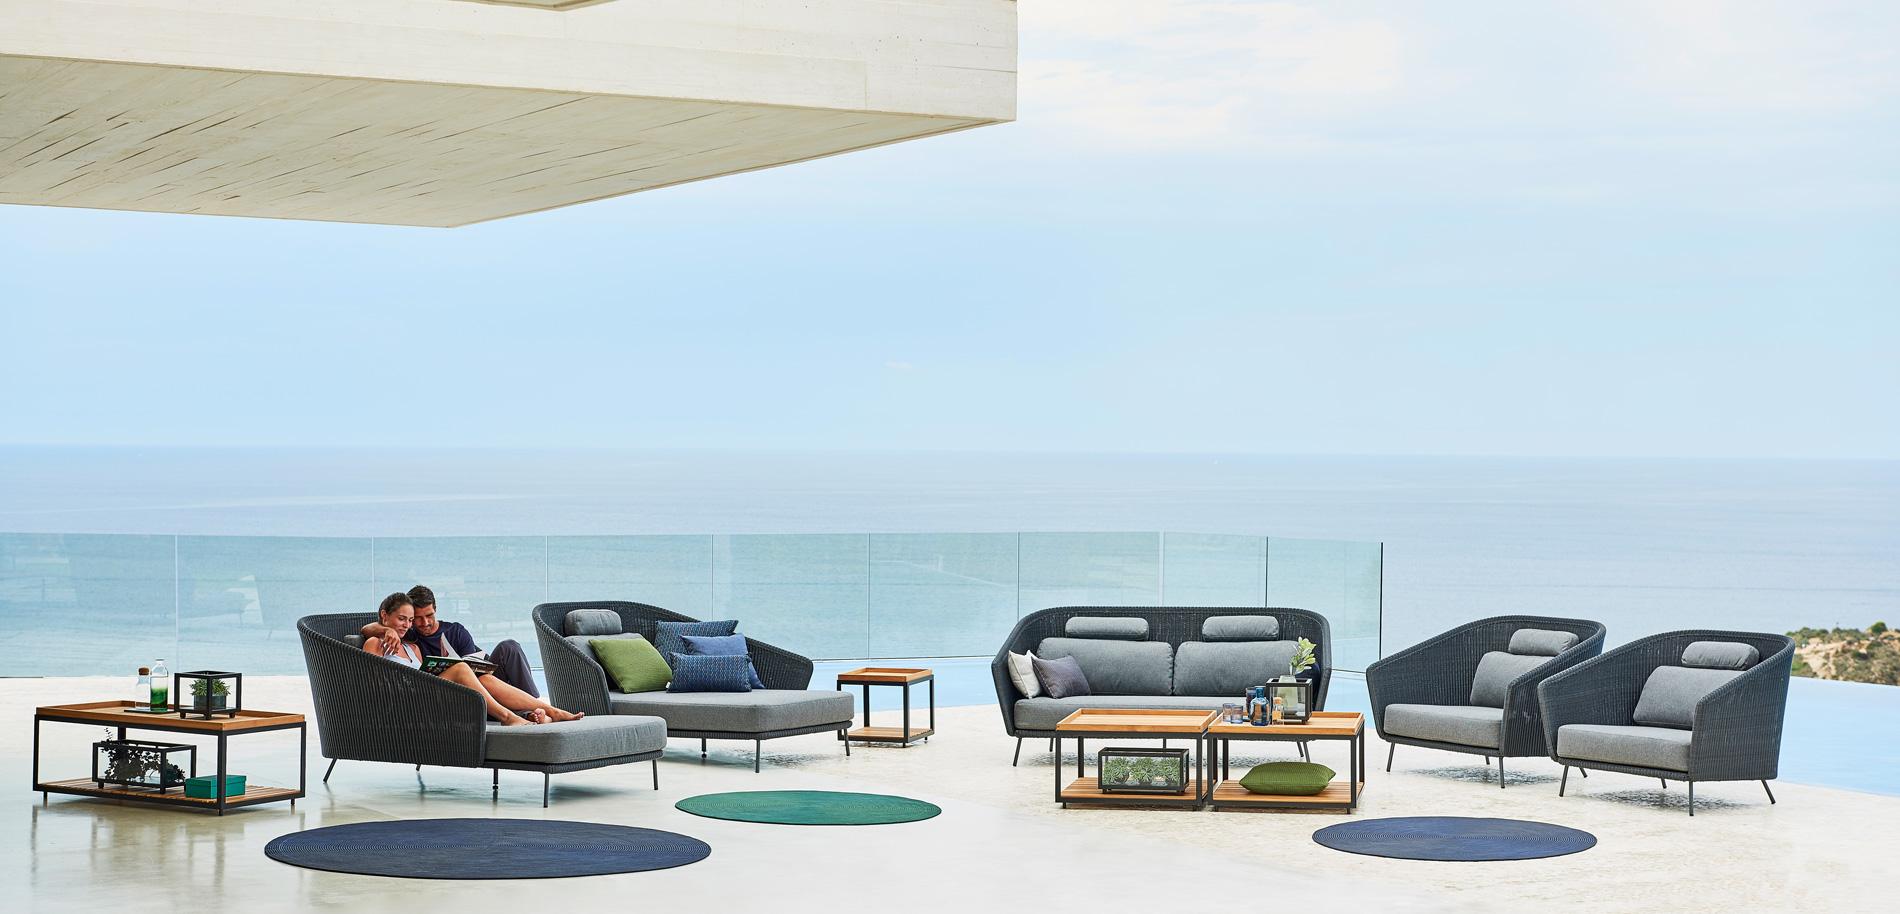 Verschiedene Objekte aus der Accessoires-Kollektion von Cane-line, darunter Teppiche und Beistelltische, zusammen mit Möbeln der Serie Mega.